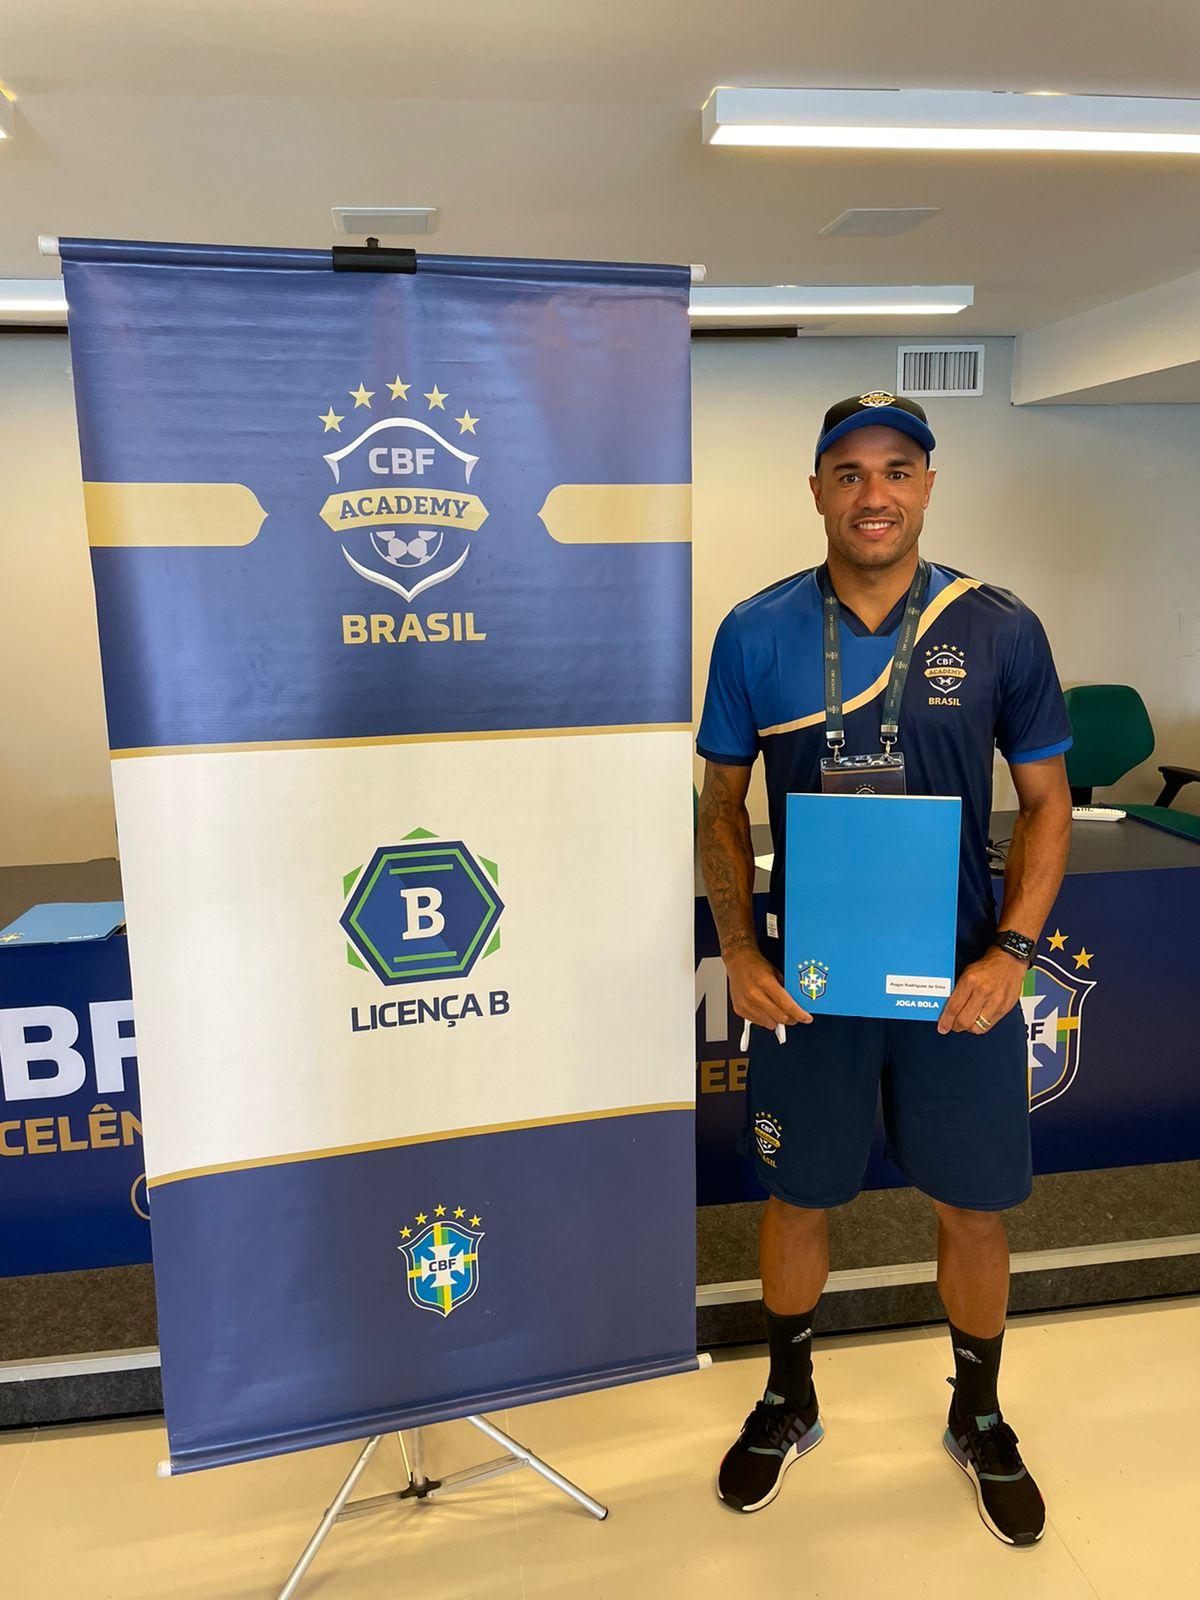 Antes de pré-temporada do Athletic Club, Roger Silva dá mais um importante passo na carreira de técnico e conclui Licença B da CBF Academy